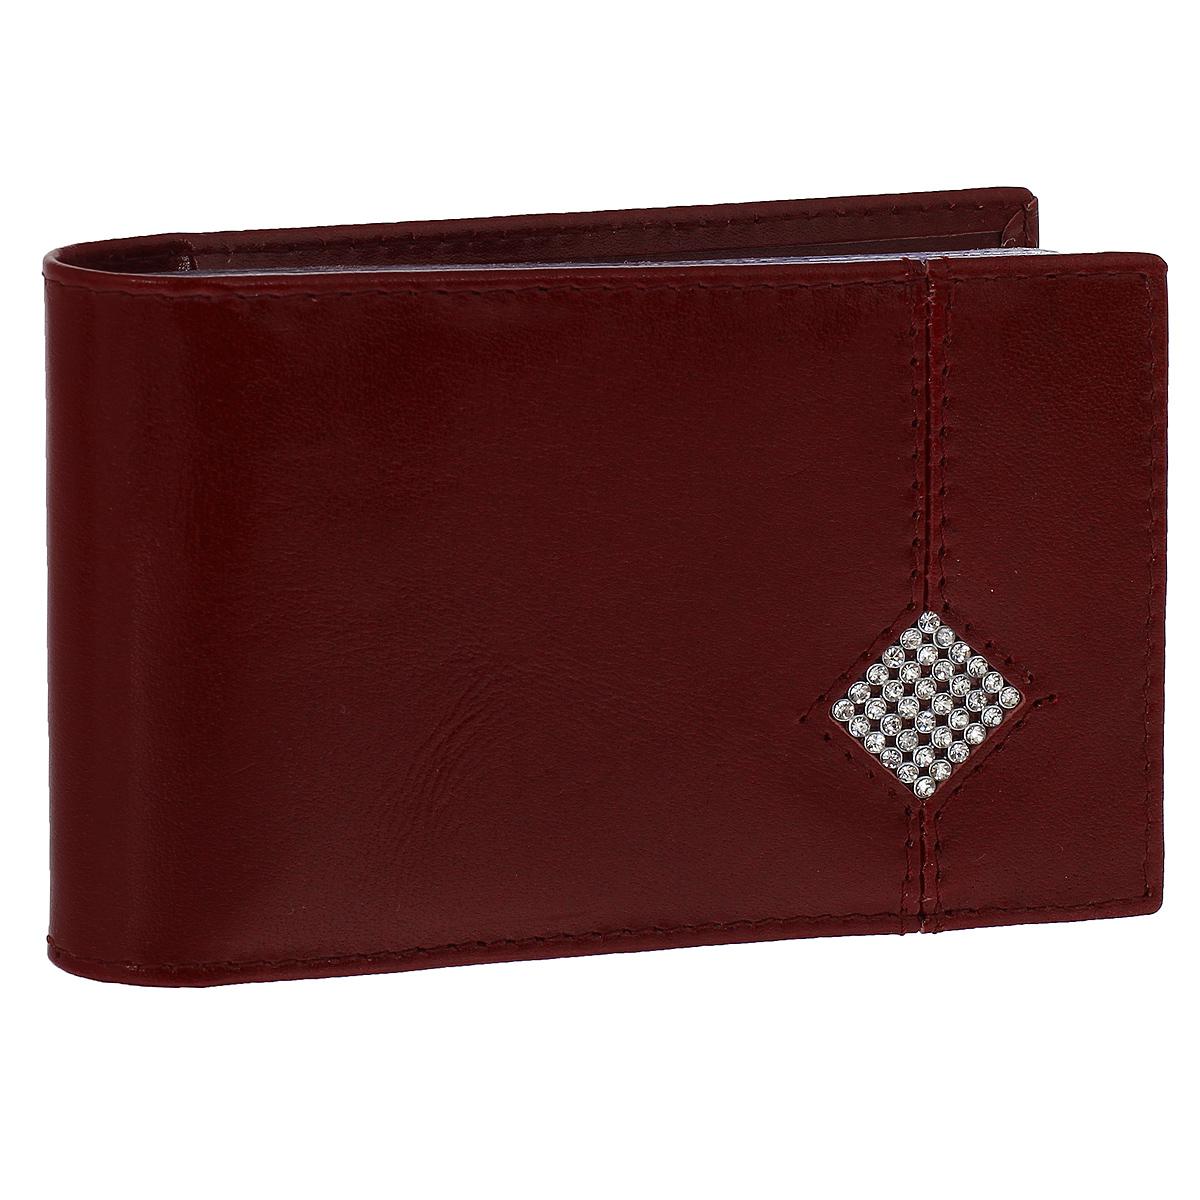 Футляр для визиток Dimanche Гранат, цвет: бордовый. 134134Футляр для визиток Dimanche Гранат изготовлен из высококачественной натуральной глянцевой кожи бордового цвета. Лицевая сторона обложки украшена стразами. Внутри содержится блок из прозрачных пластиковых файлов на 16 визиток, а также дополнительный карман для пластиковой карты. Стильный футляр эффектно дополнит ваш яркий образ и поможет хранить визитки и пластиковые карты в одном месте.